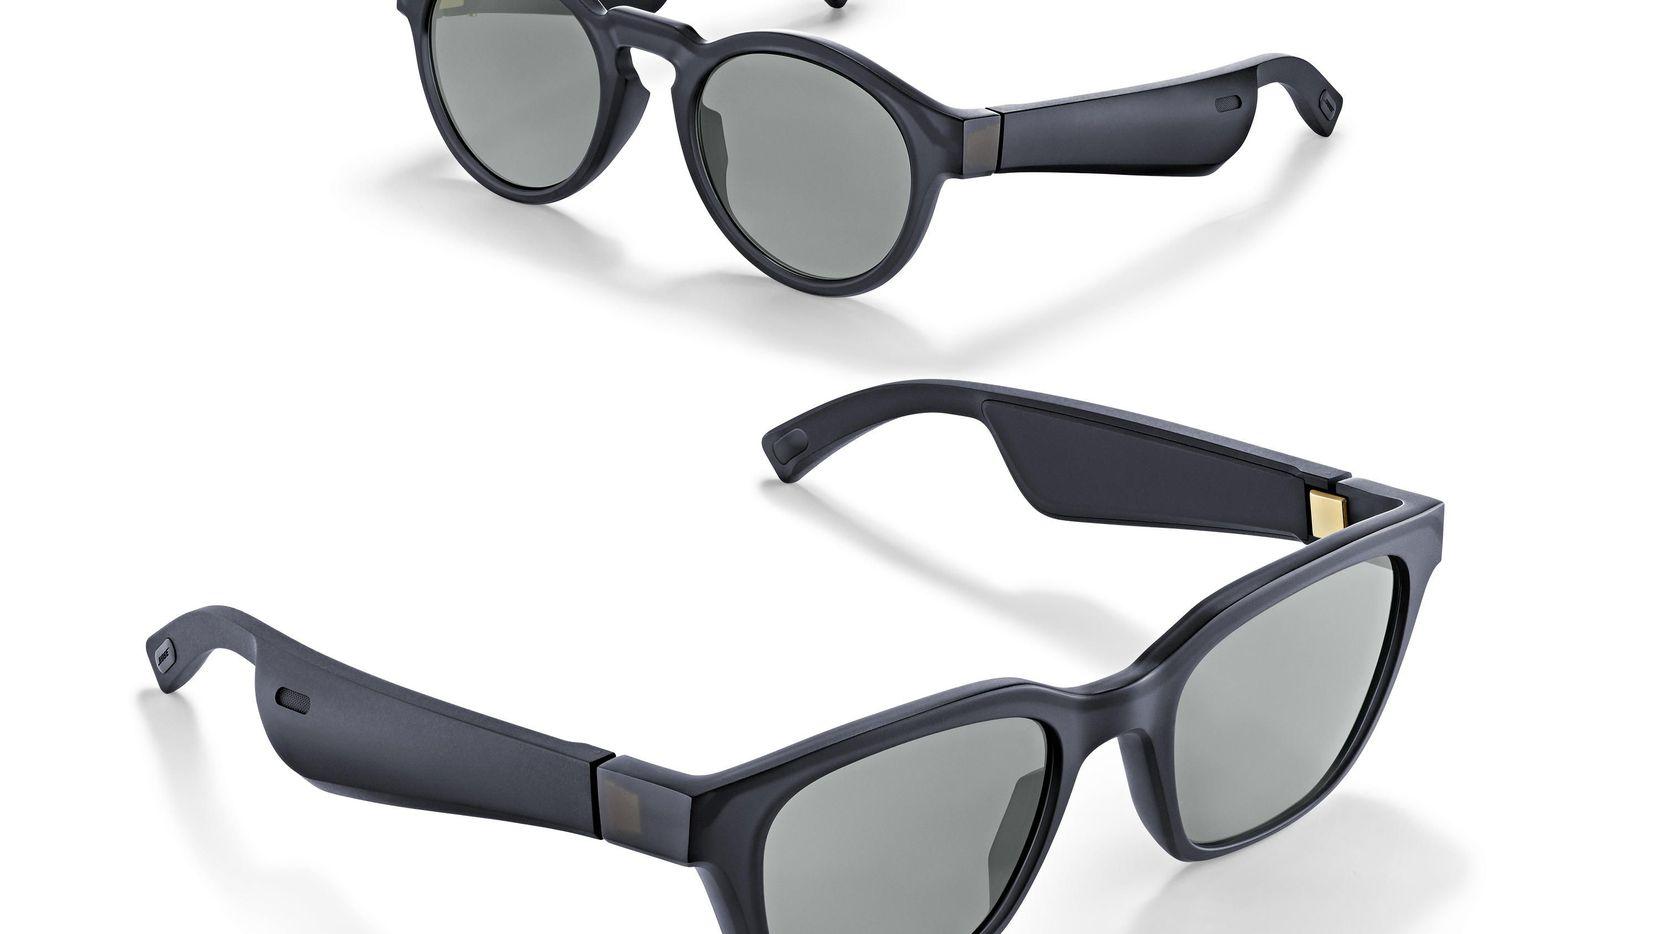 Bose Frames: Rondo (top) and Alto.